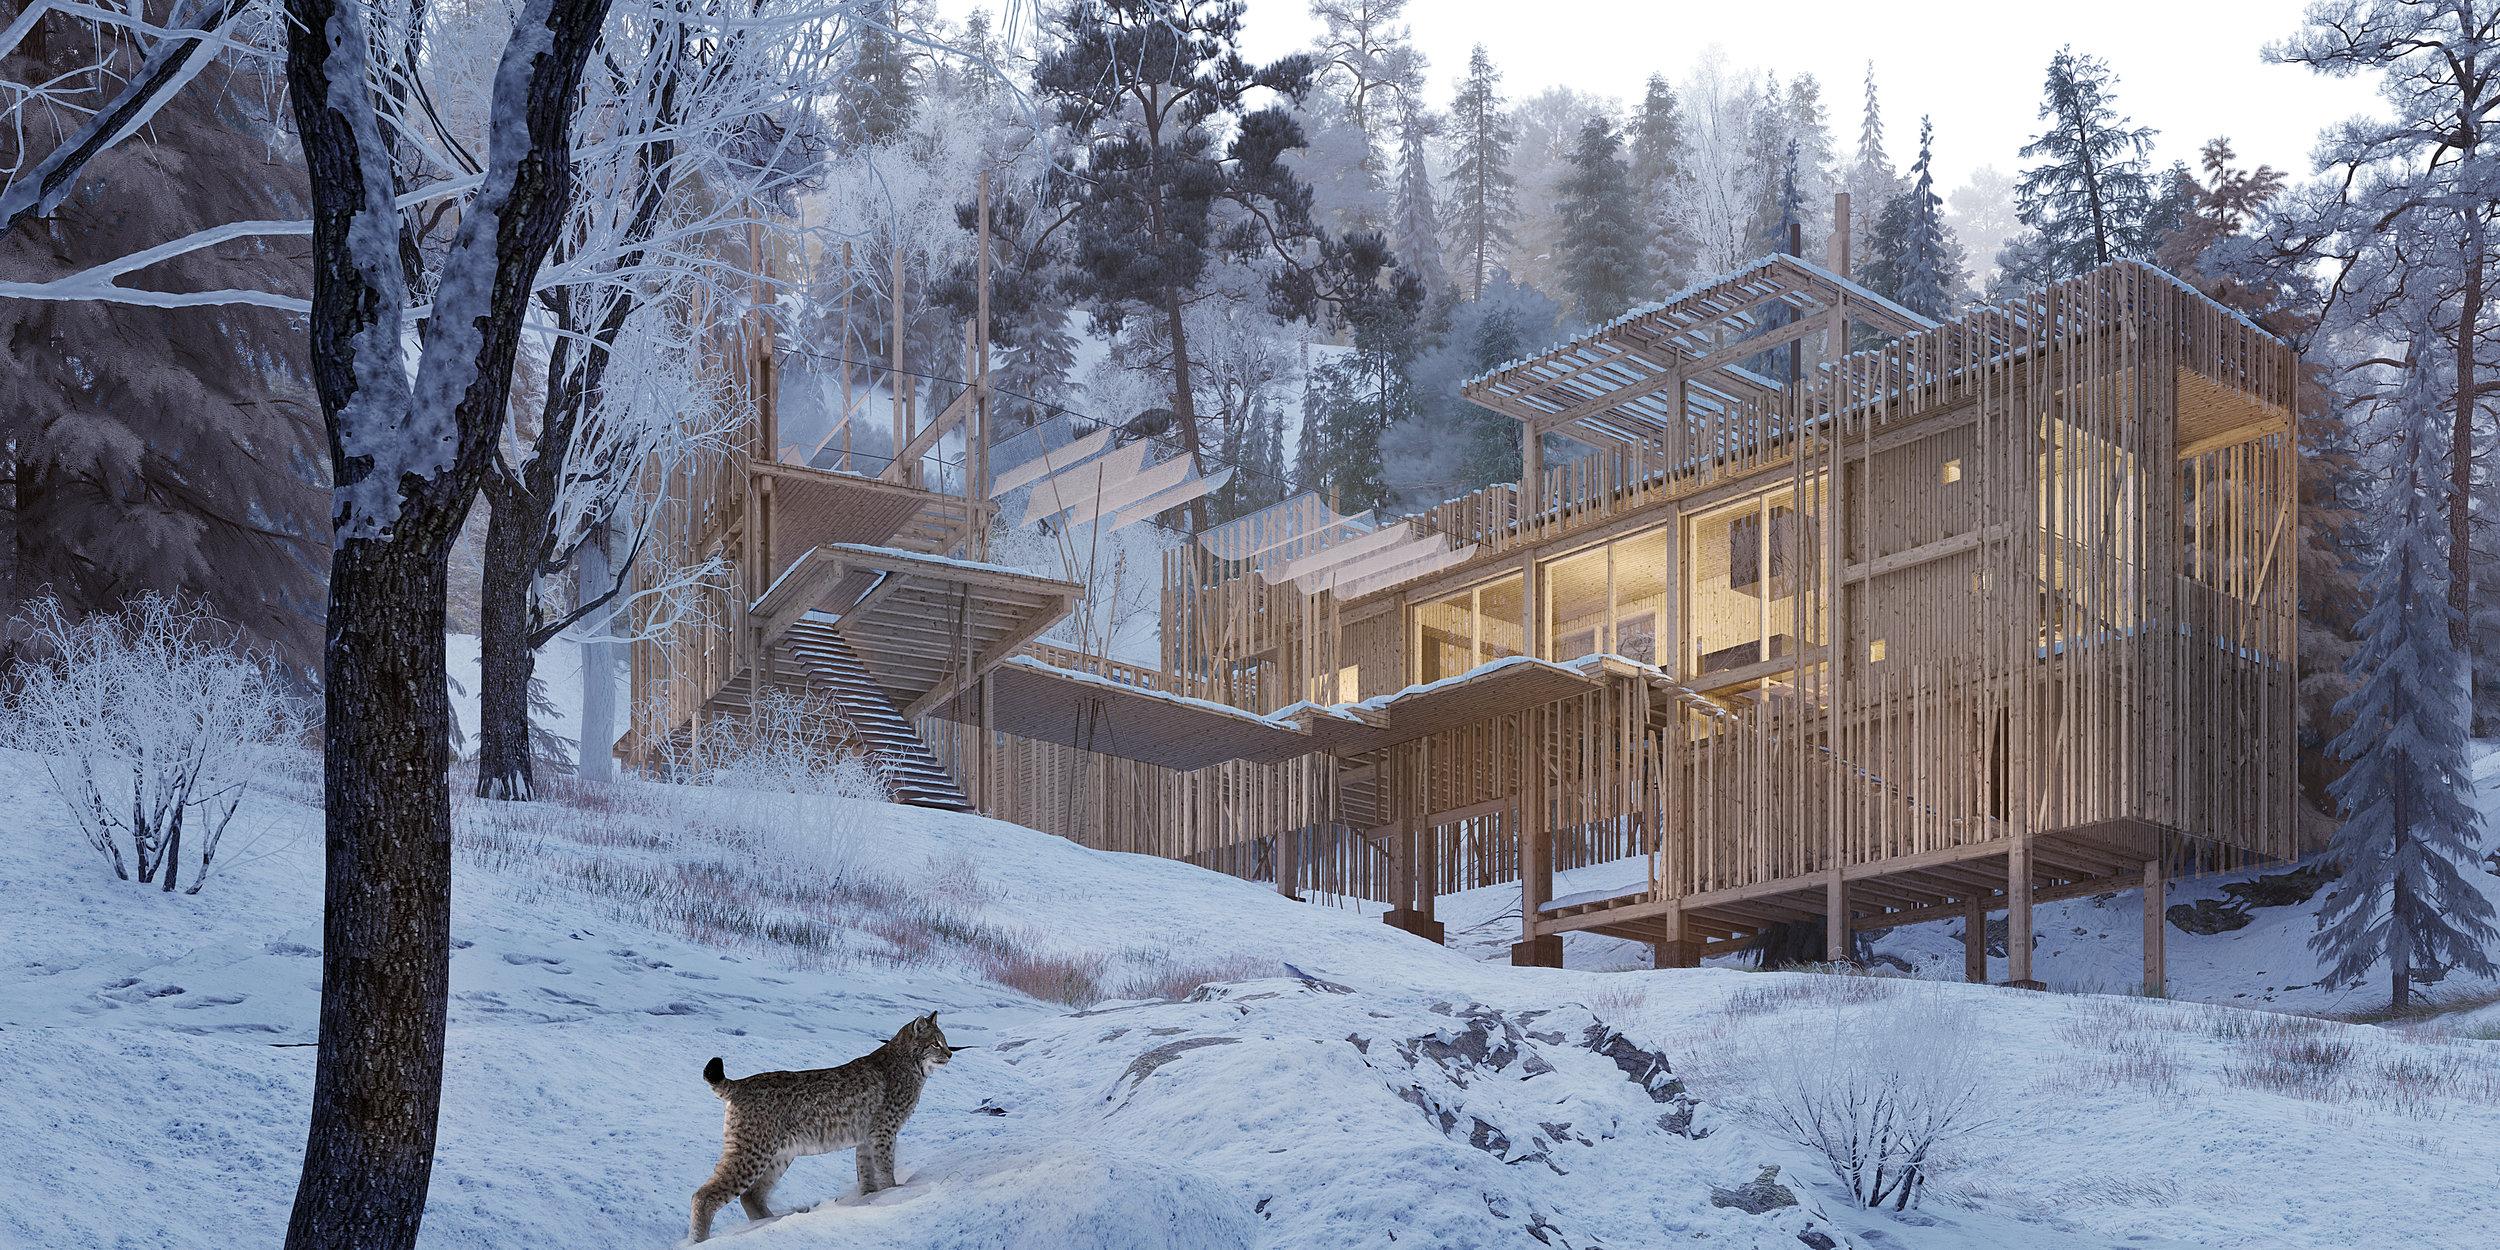 erik juul har modtaget et arbejdslegat fra Statens Kunstfond til udvikling af bl.a. ny bæredygtig træarkitektur.